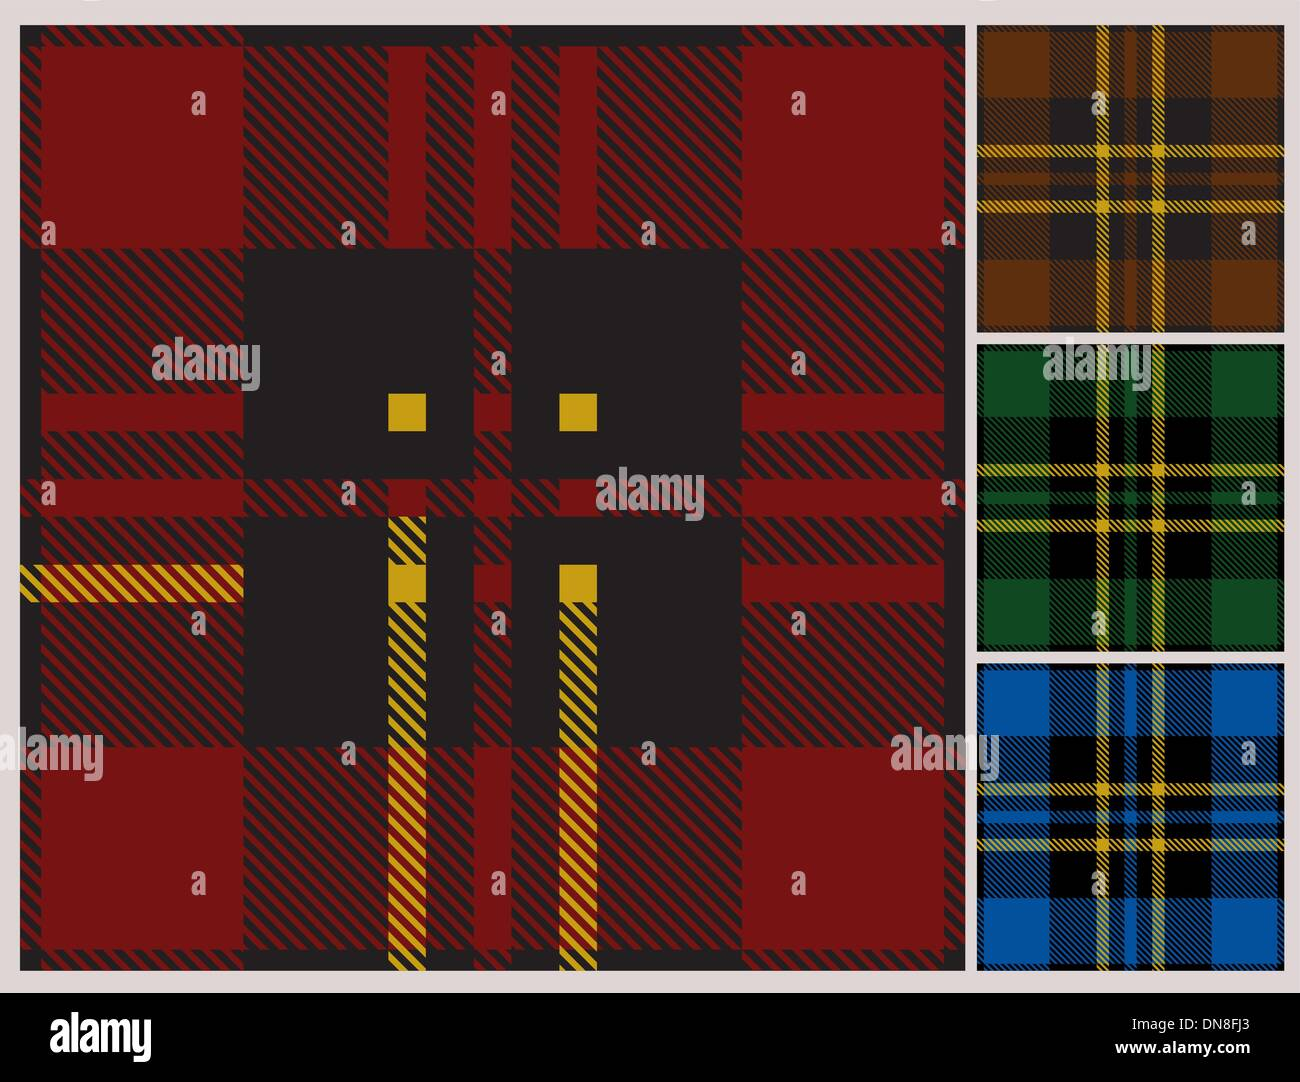 Tartan pattern - Stock Image